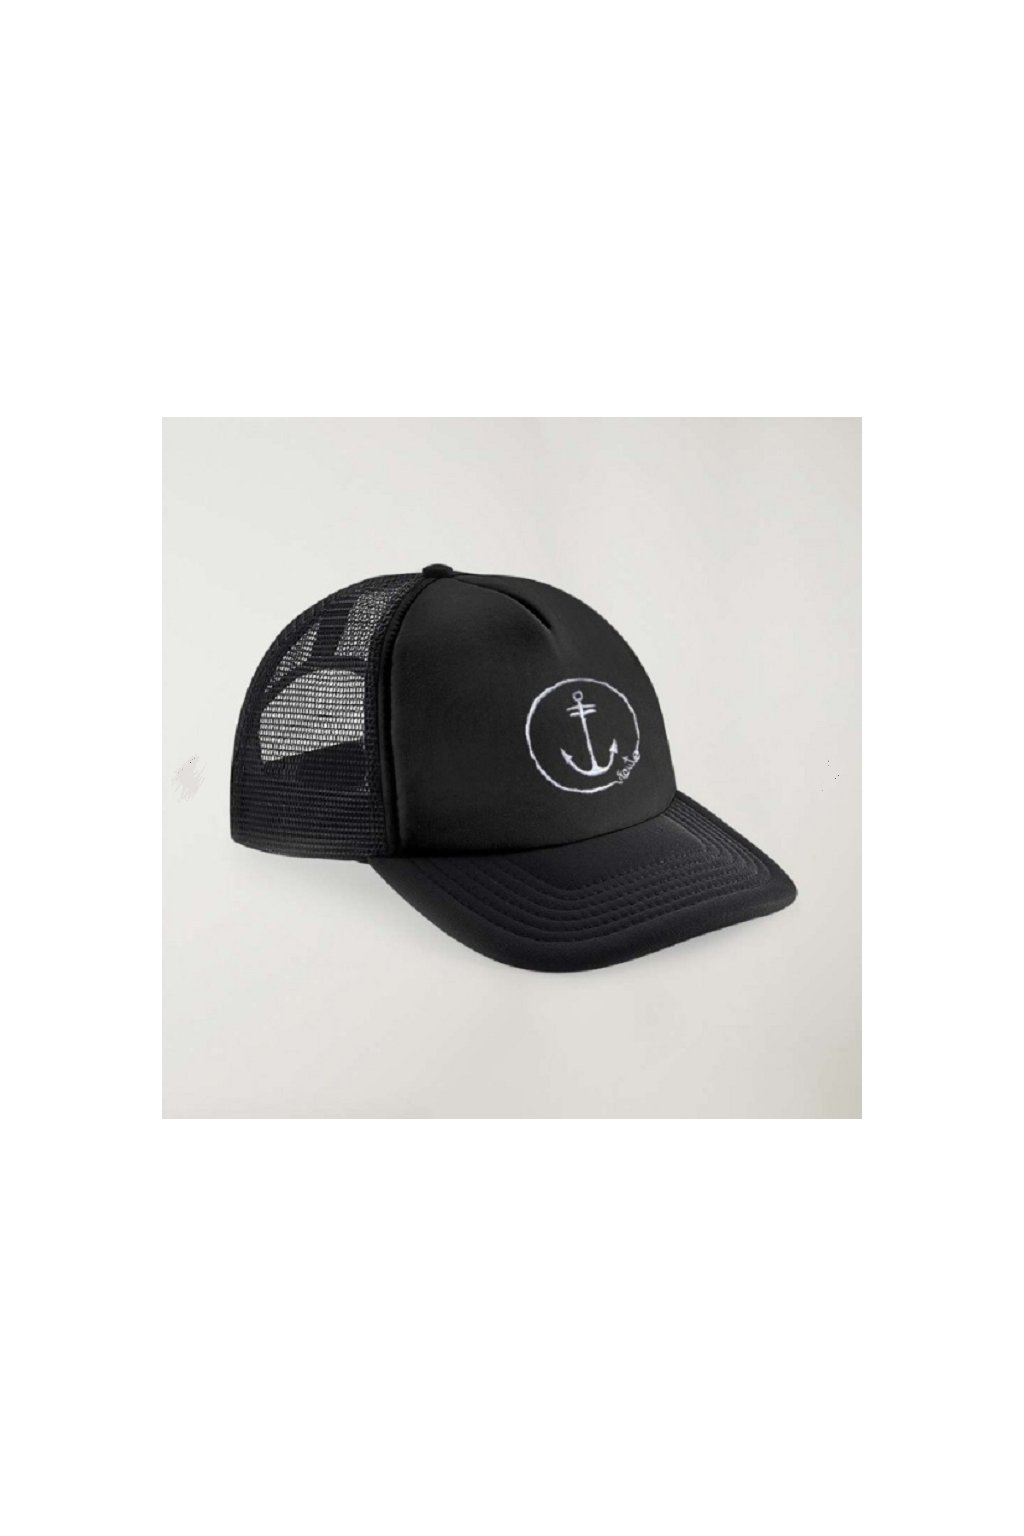 KŠILTOVKA VIENTO TRUCKER CAP BLACK ANCHOR LOGO black obr1